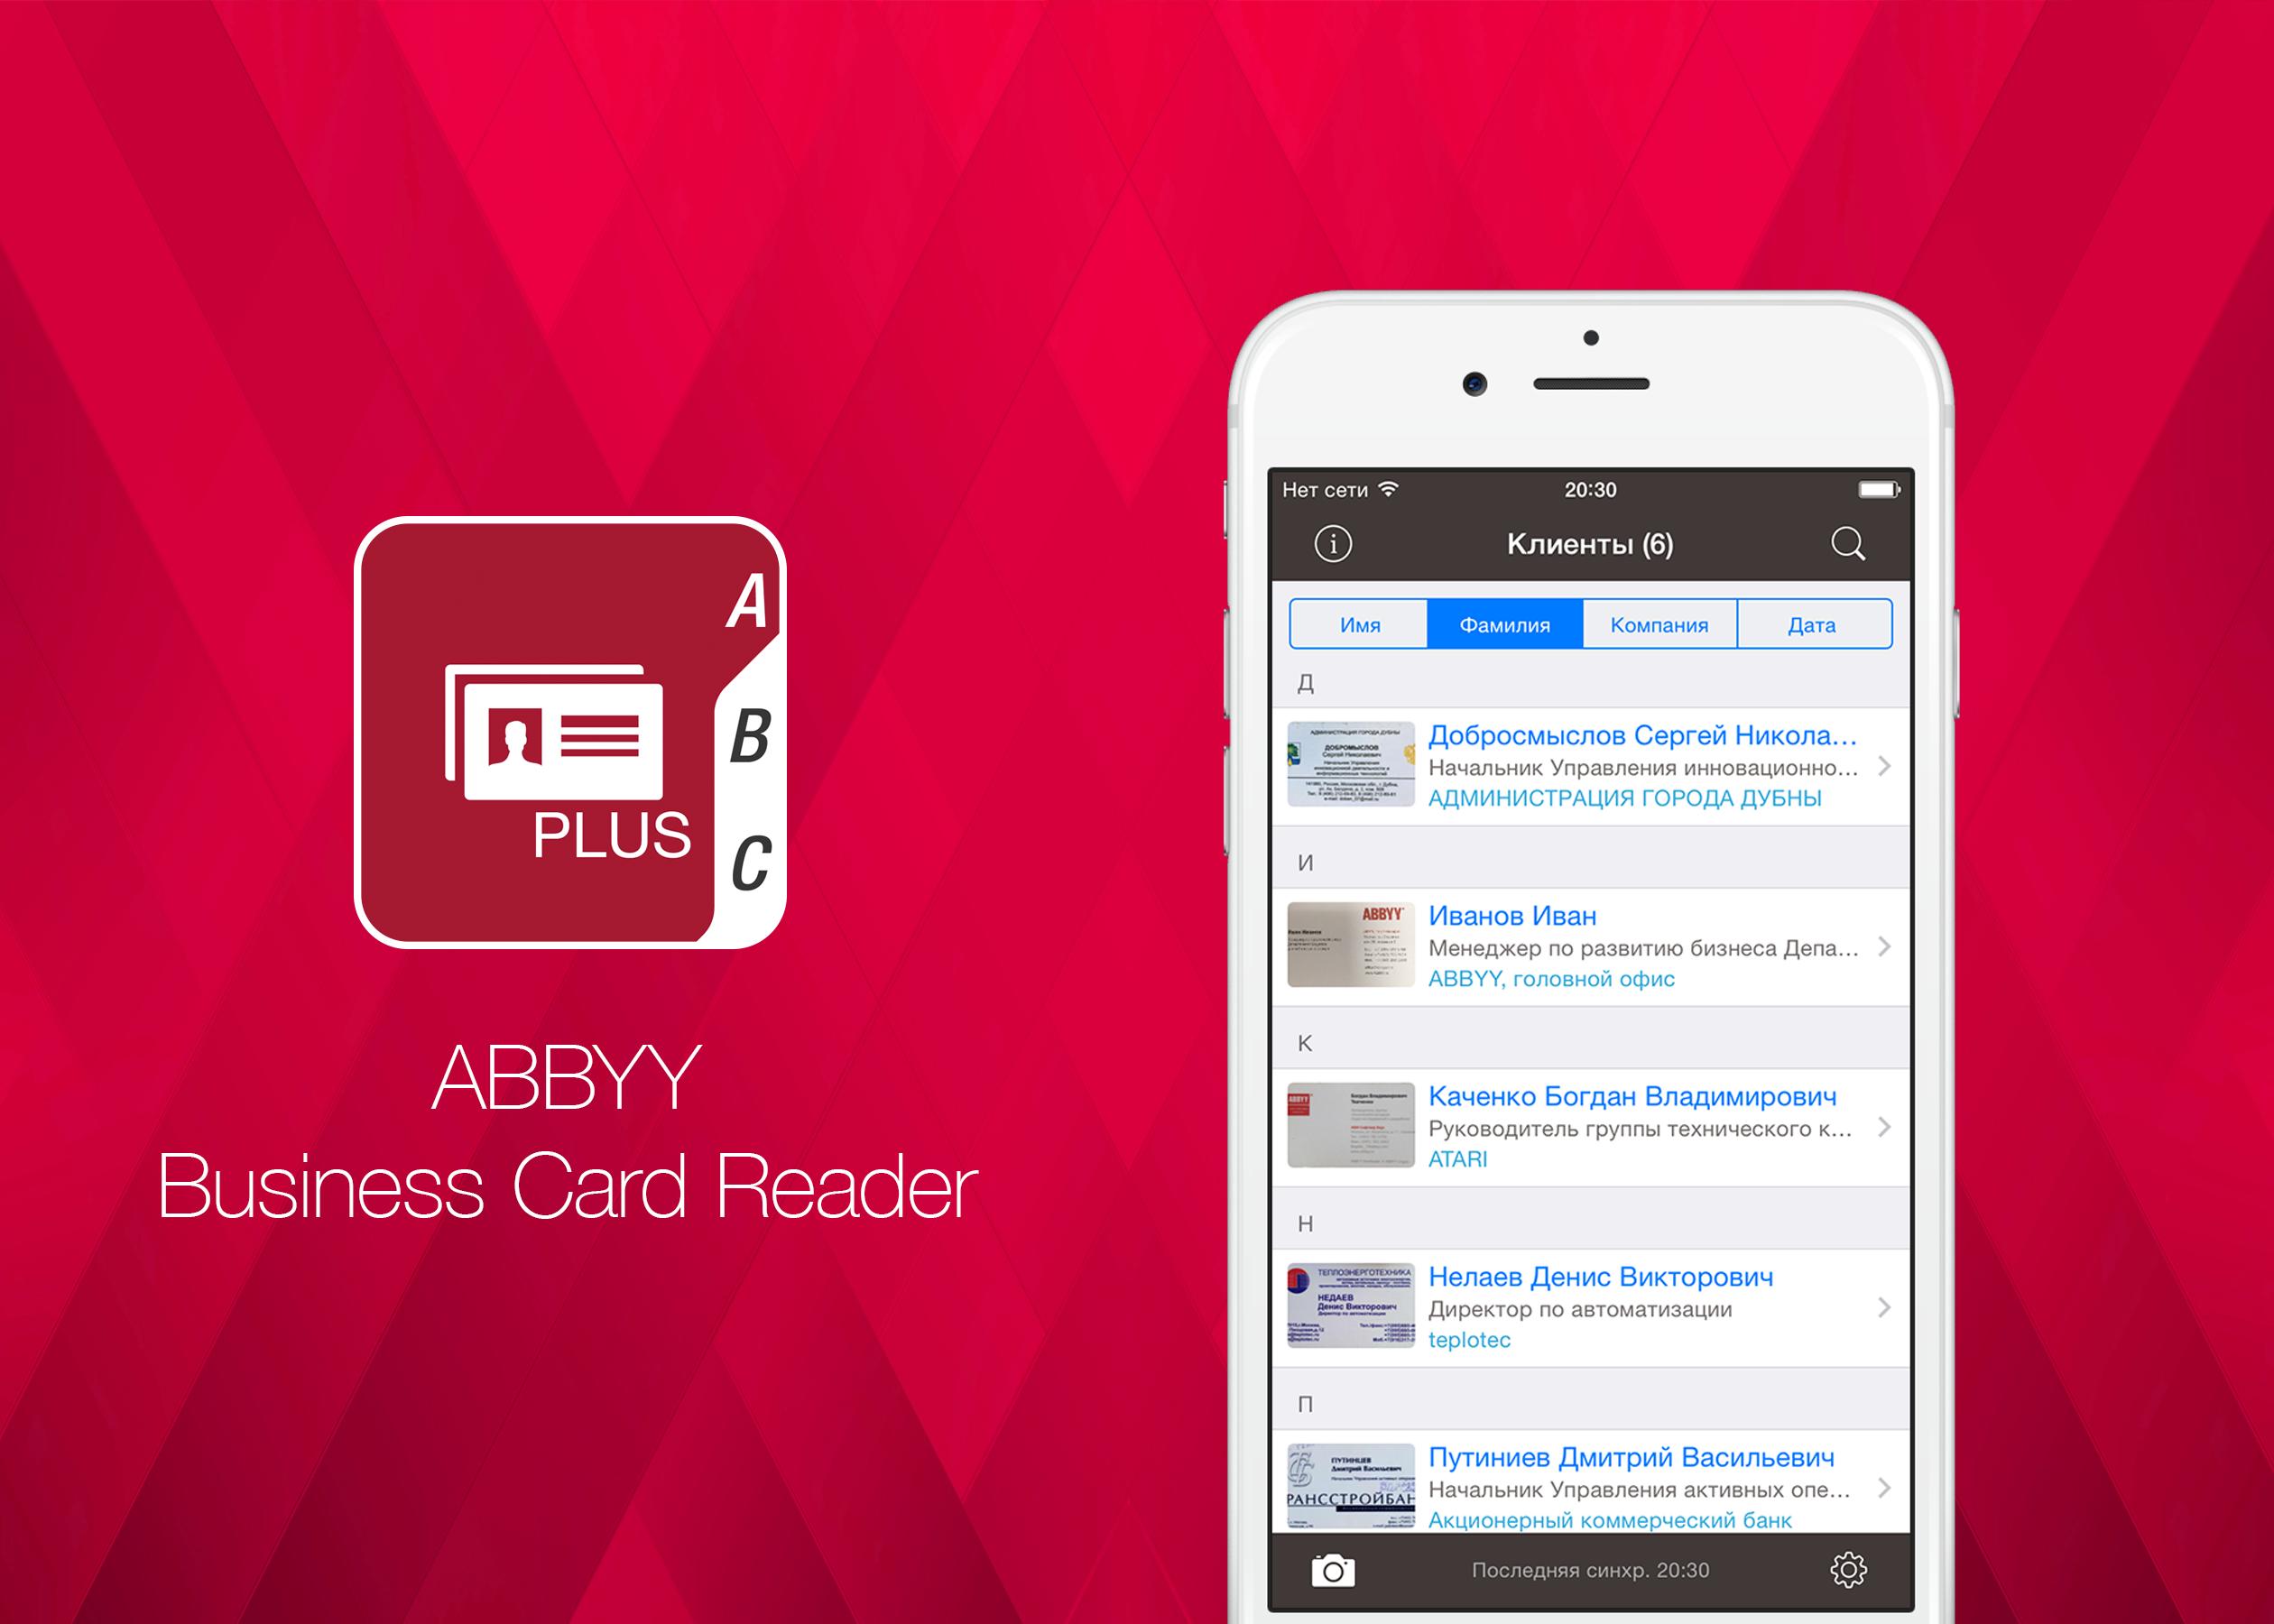 ABBYY Business Card Reader: как перенести данные с визиток в смартфон за несколько секунд